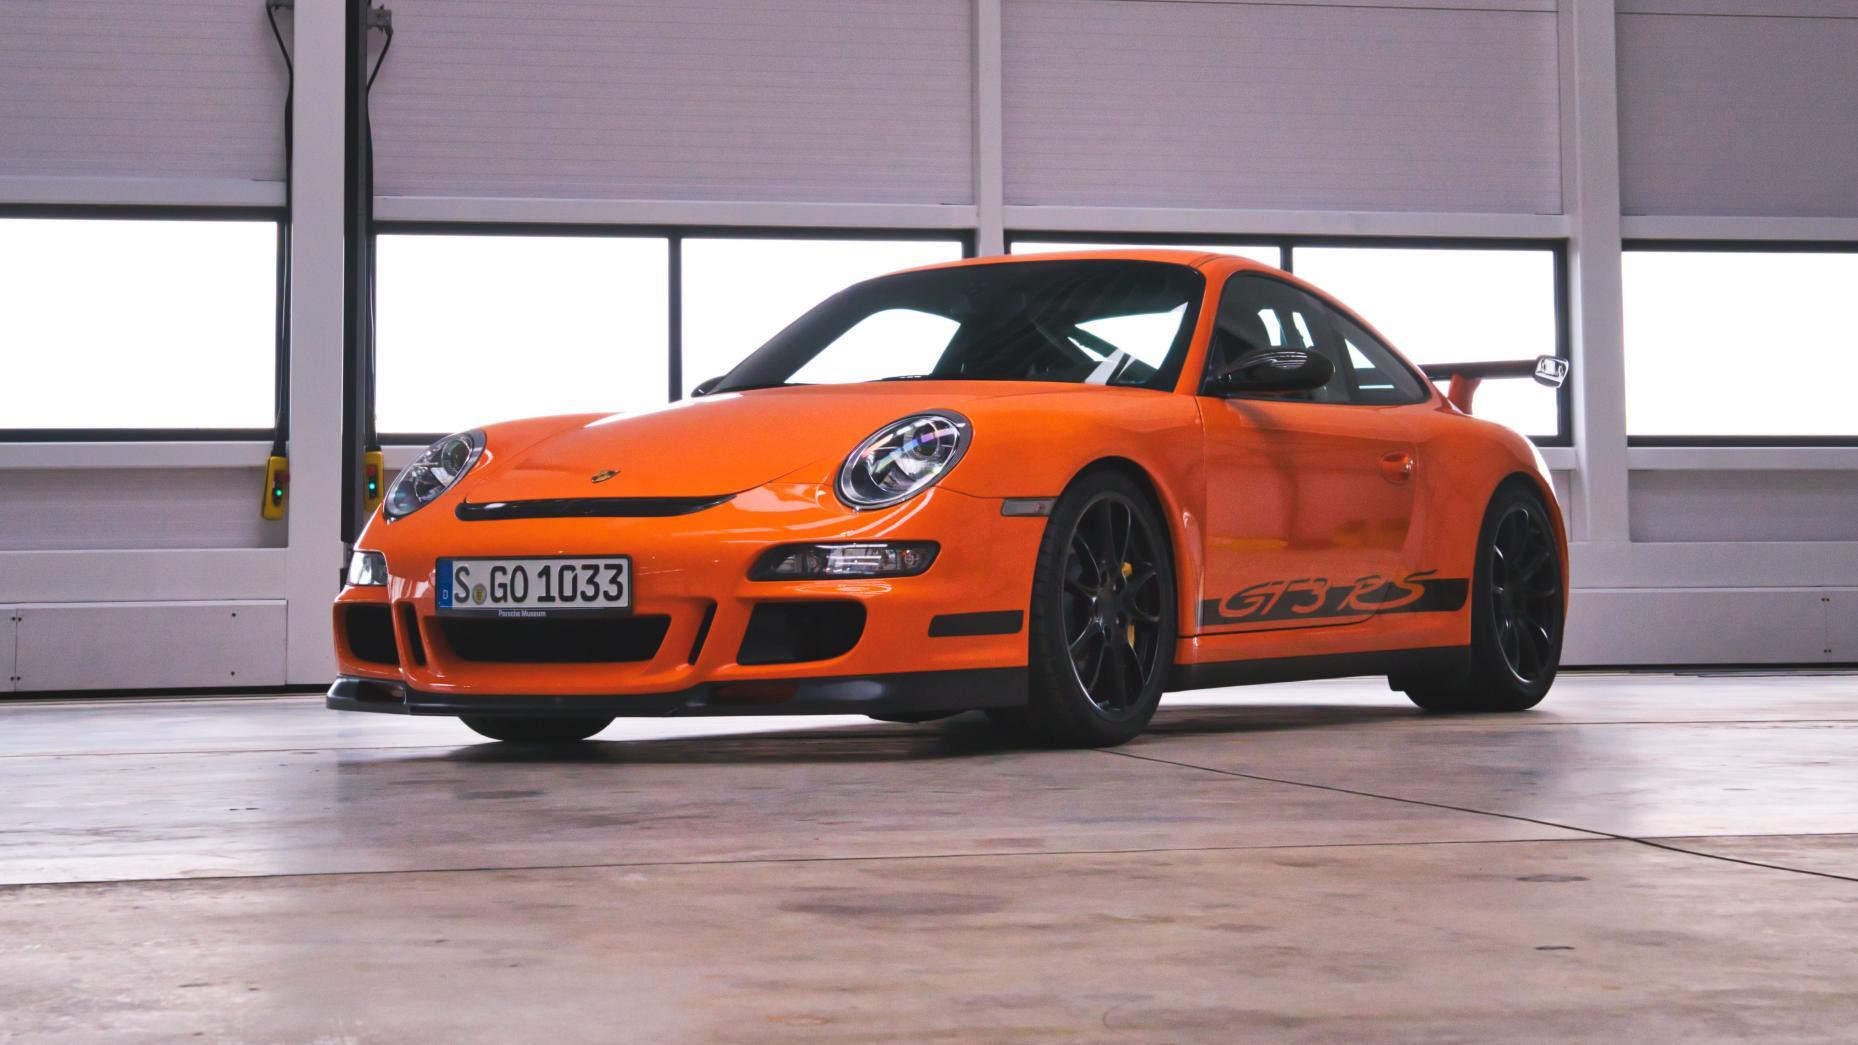 Porsche 911 997.1 GT3 RS